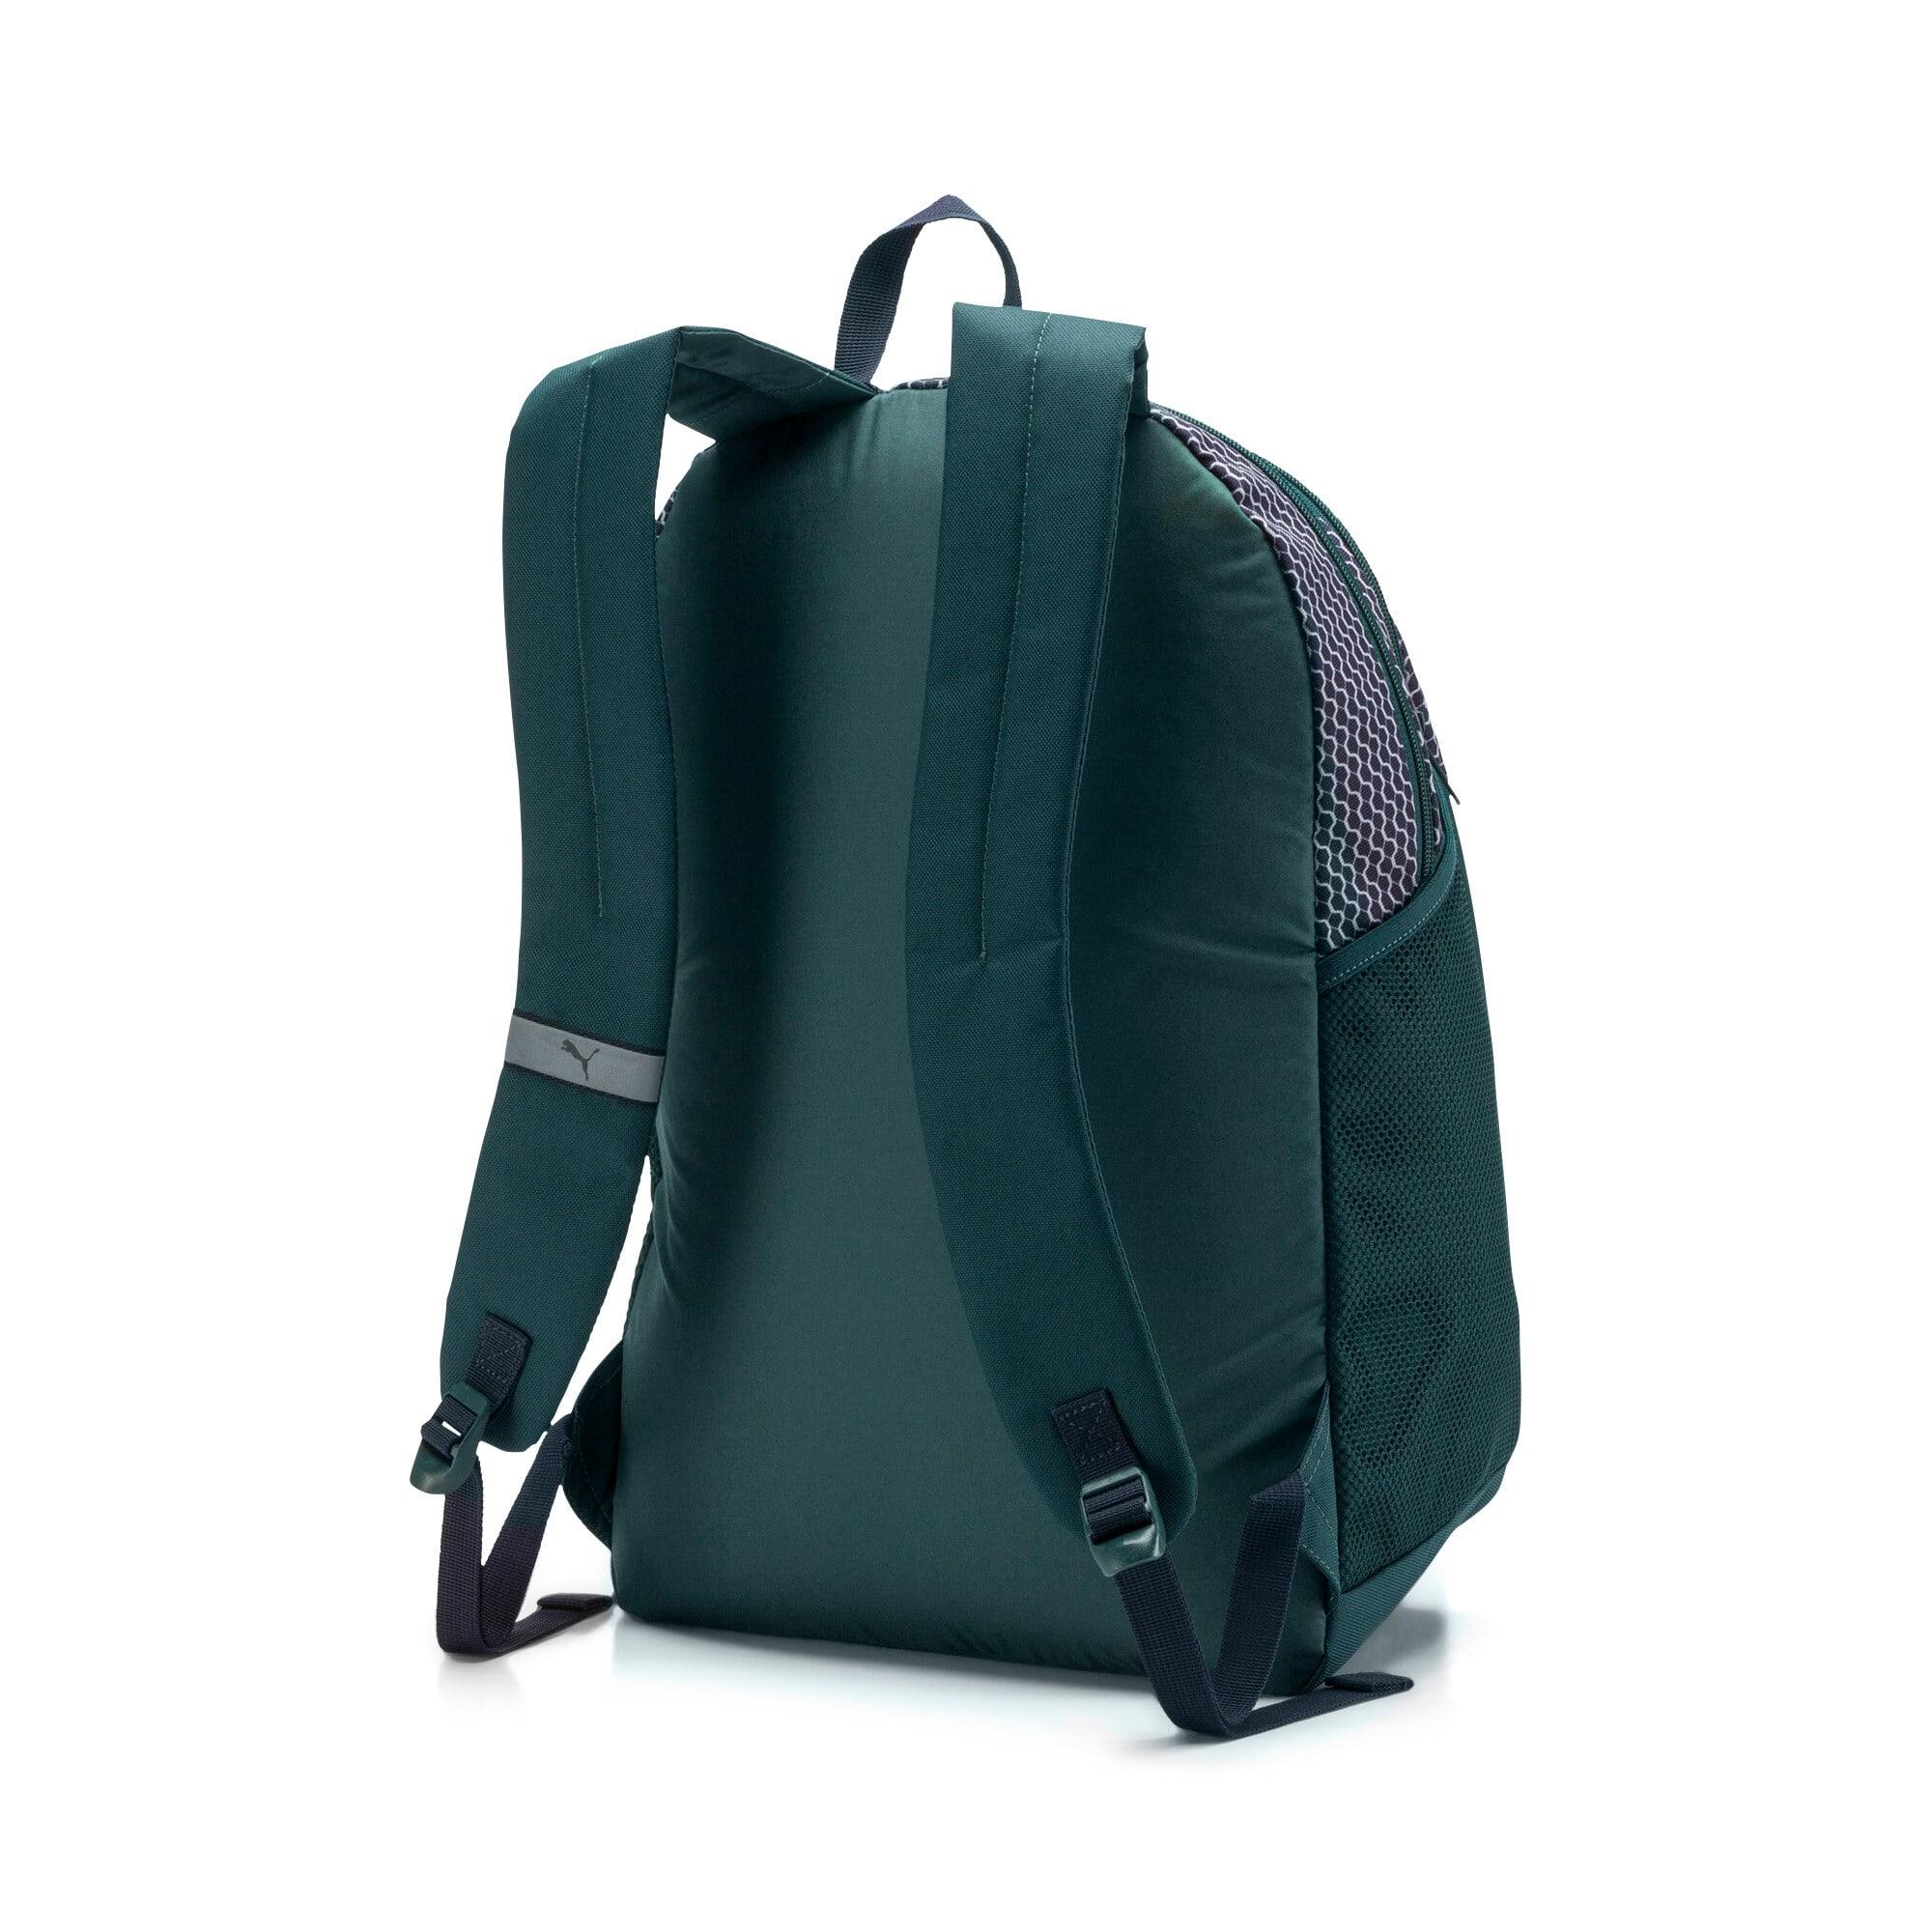 Thumbnail 2 of Beta Backpack, Peacoat-Ponderosa Pine, medium-IND